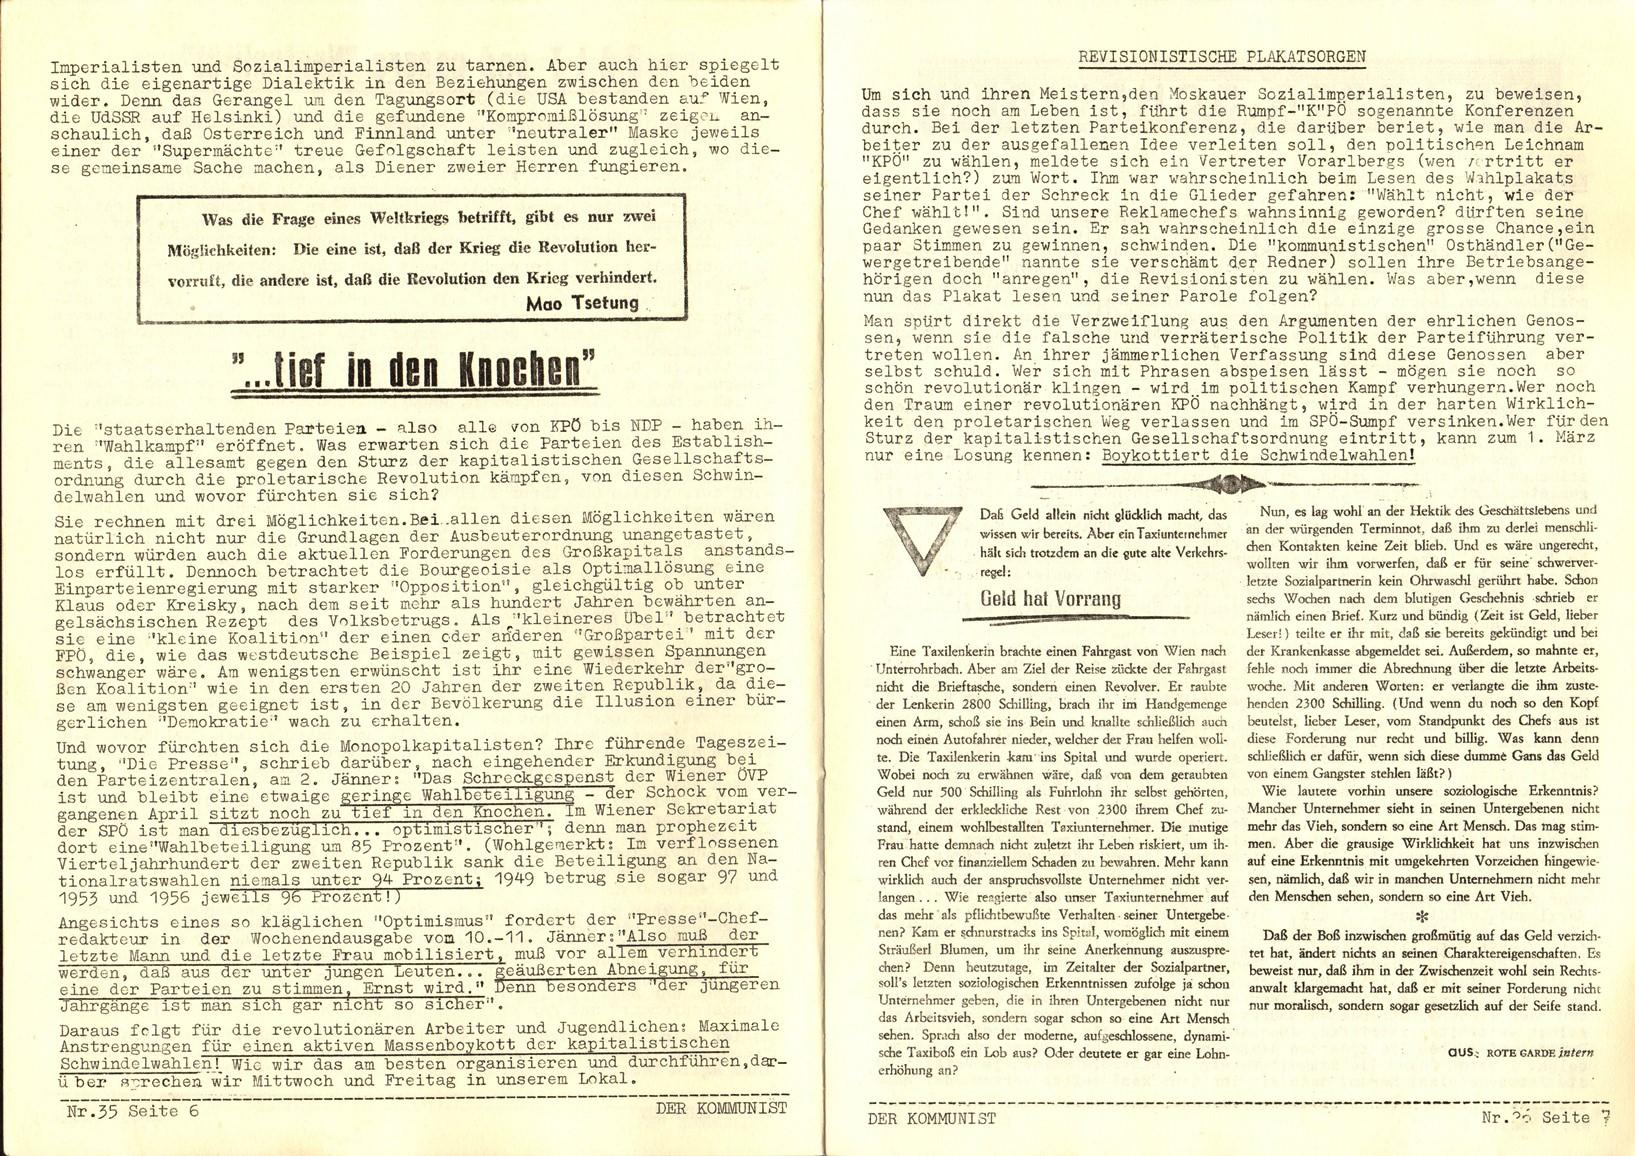 VRA_Der_Kommunist_19700100_04